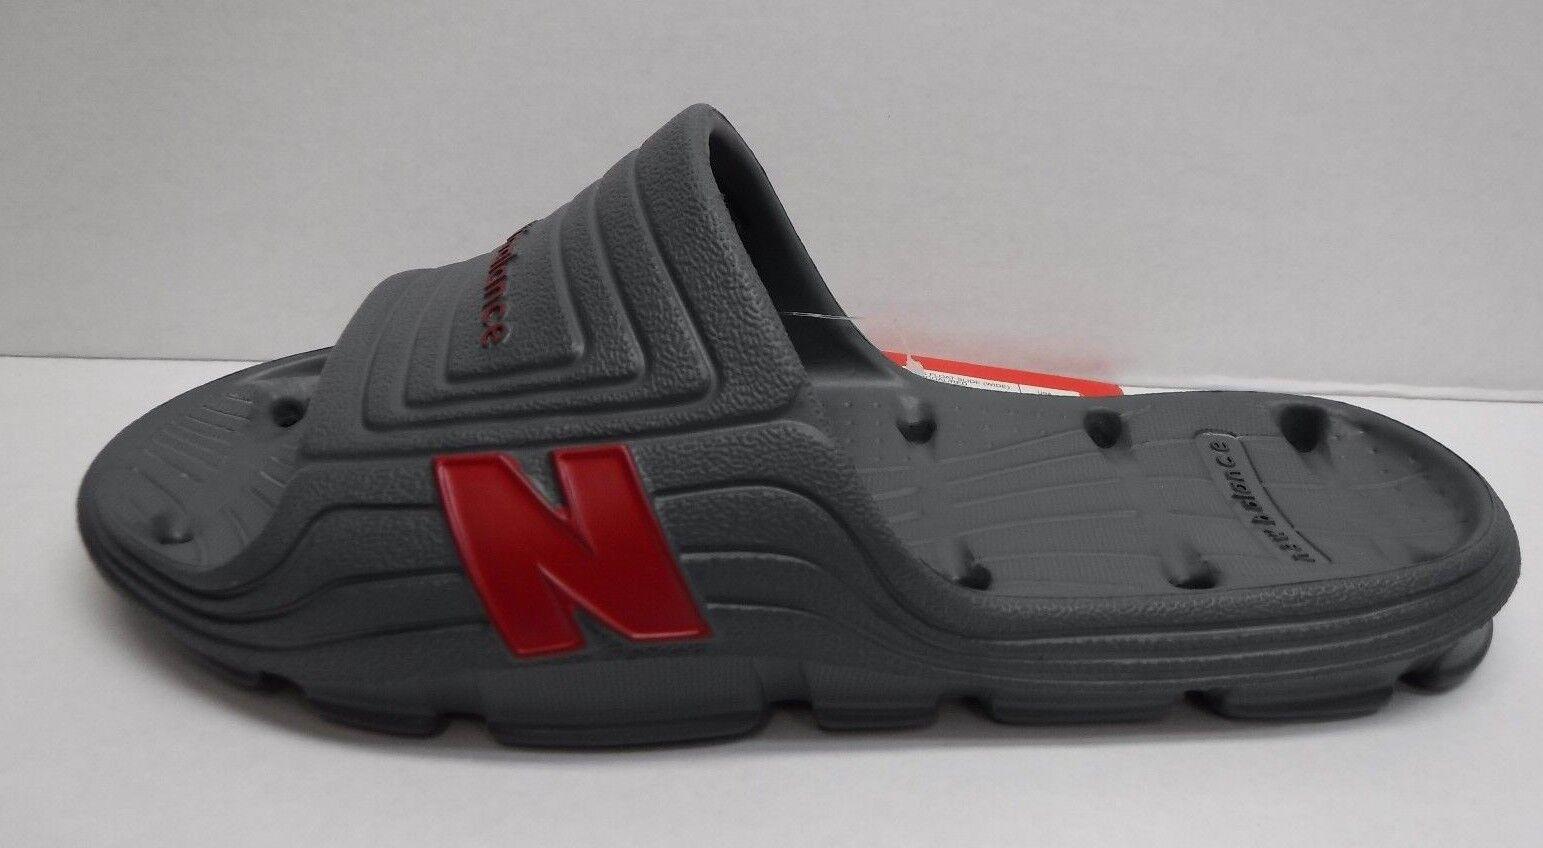 Sandali e scarpe per il mare da uomo New Balance Size 8 Gray Slides Sandals New uomos Shoes